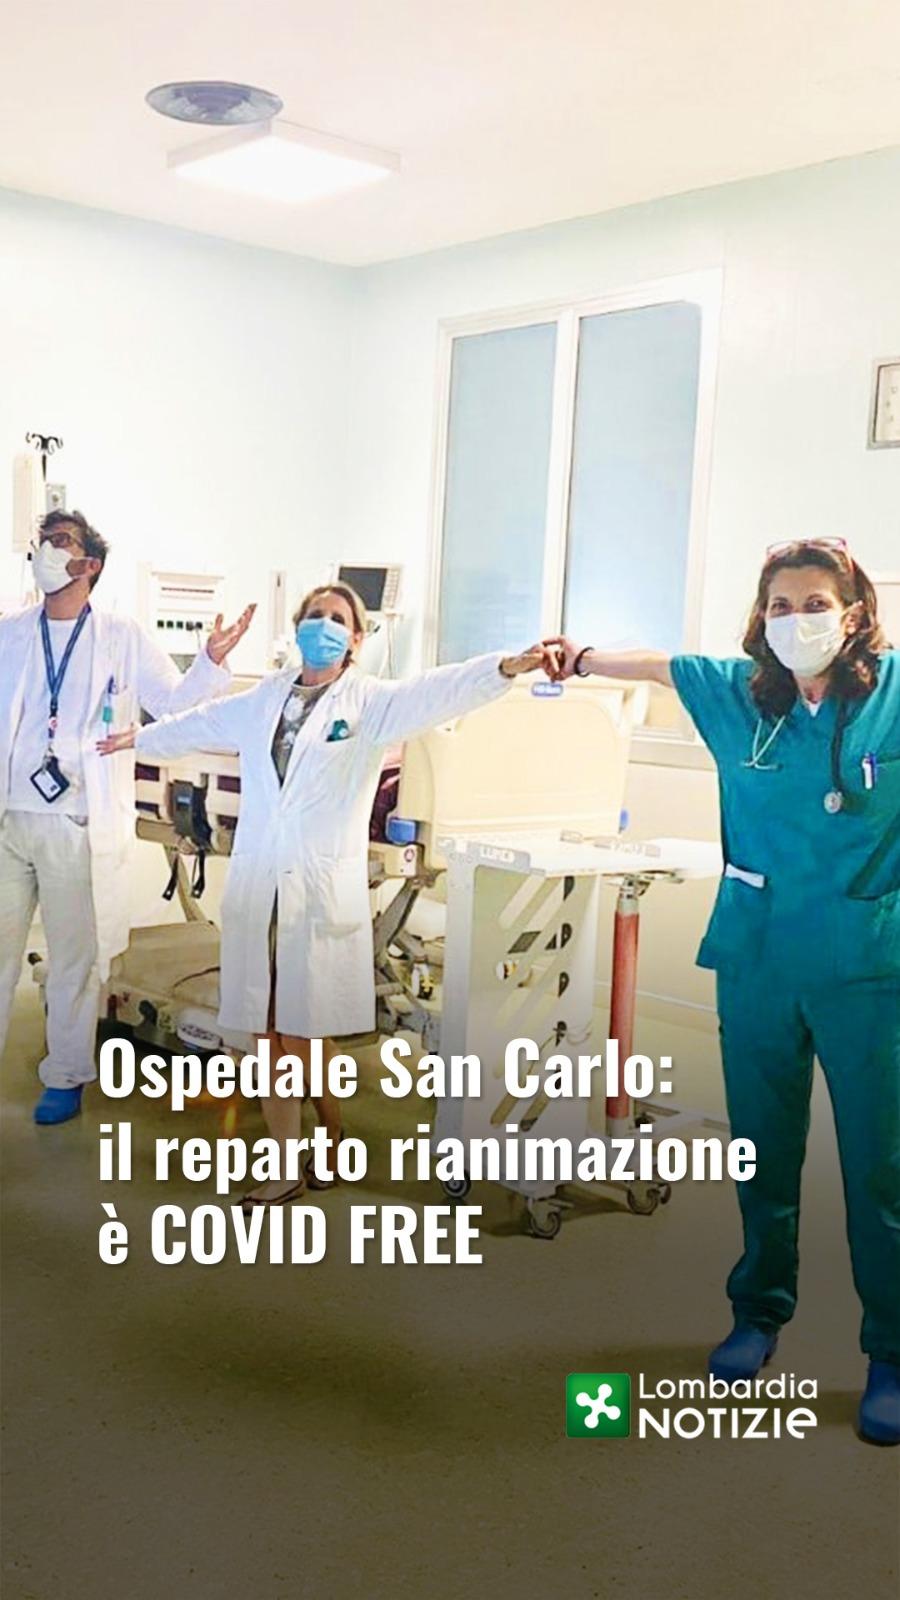 Ospedale San Carlo: il reparto rianimazione è COVID FREE